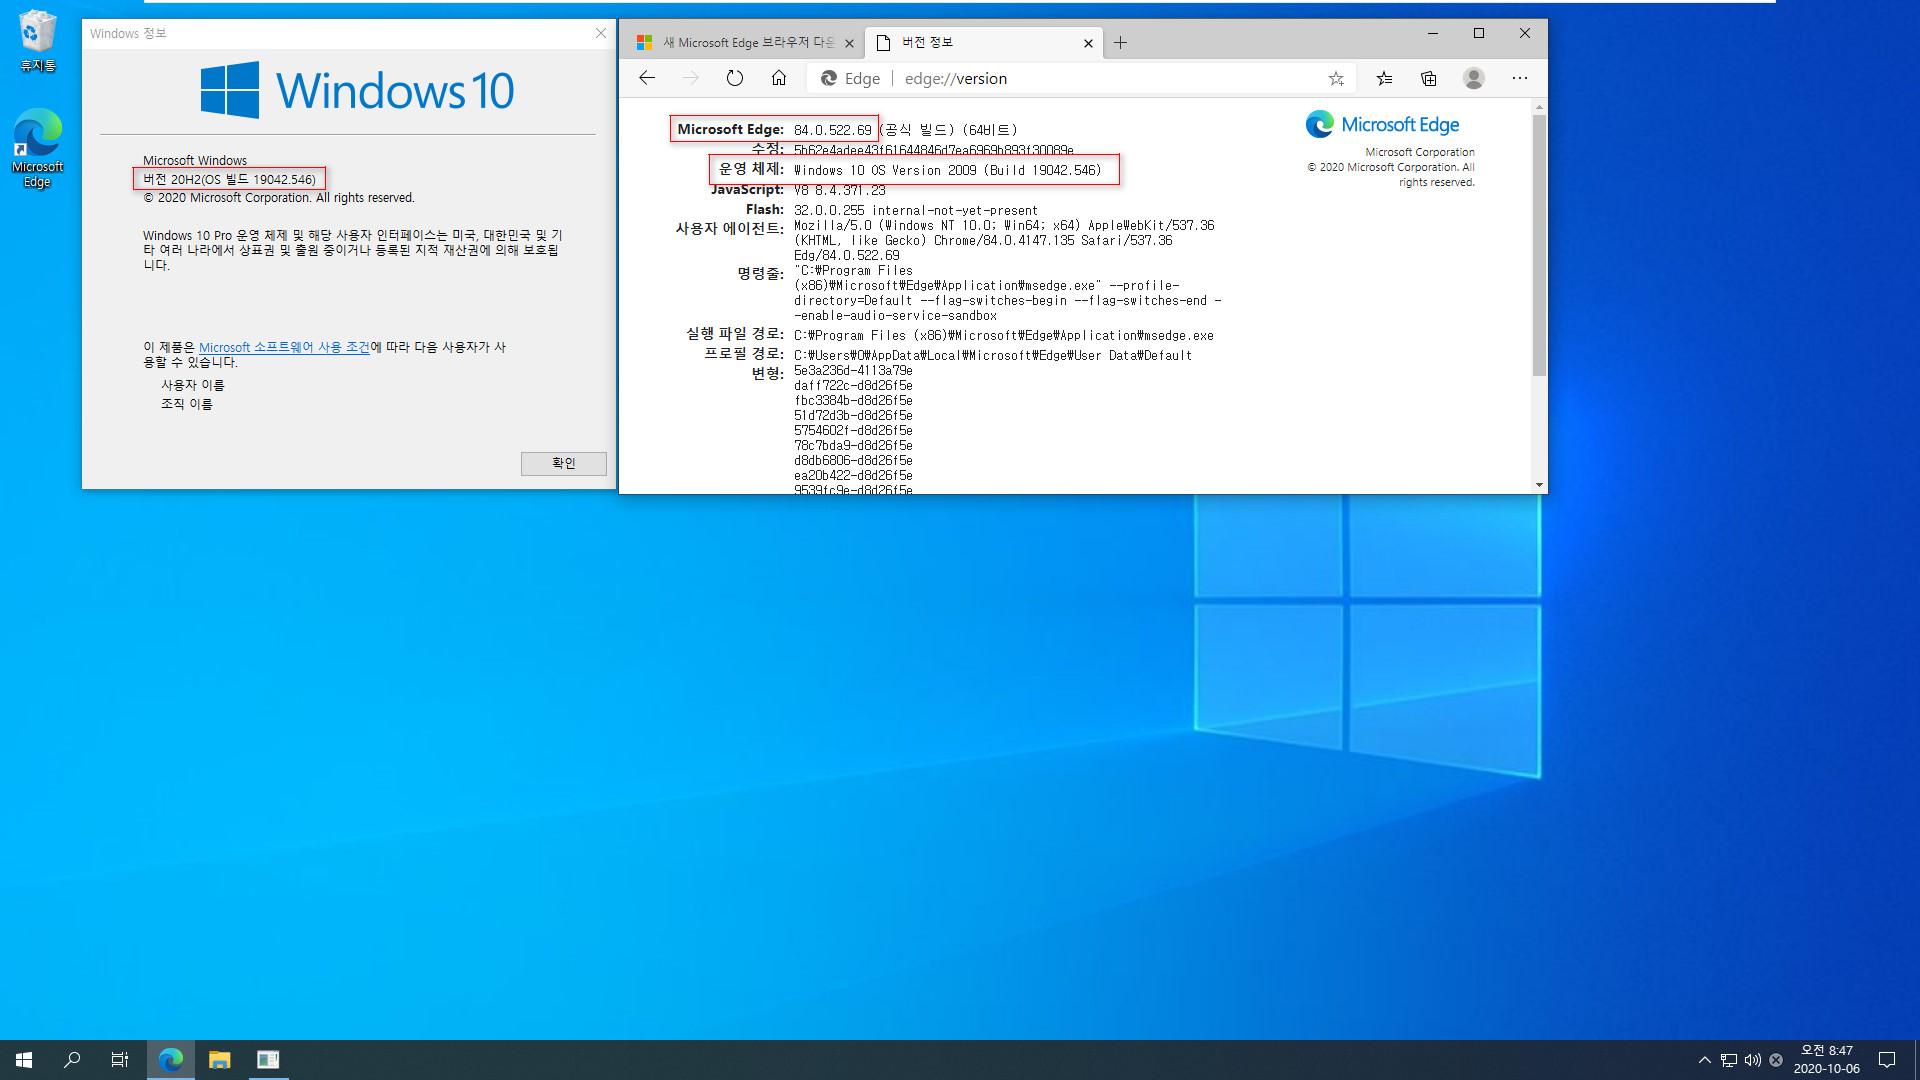 버전 2004 (20H1)에서 버전 2009 (20H2) 업그레이드하기 2020-10-06_084724.jpg